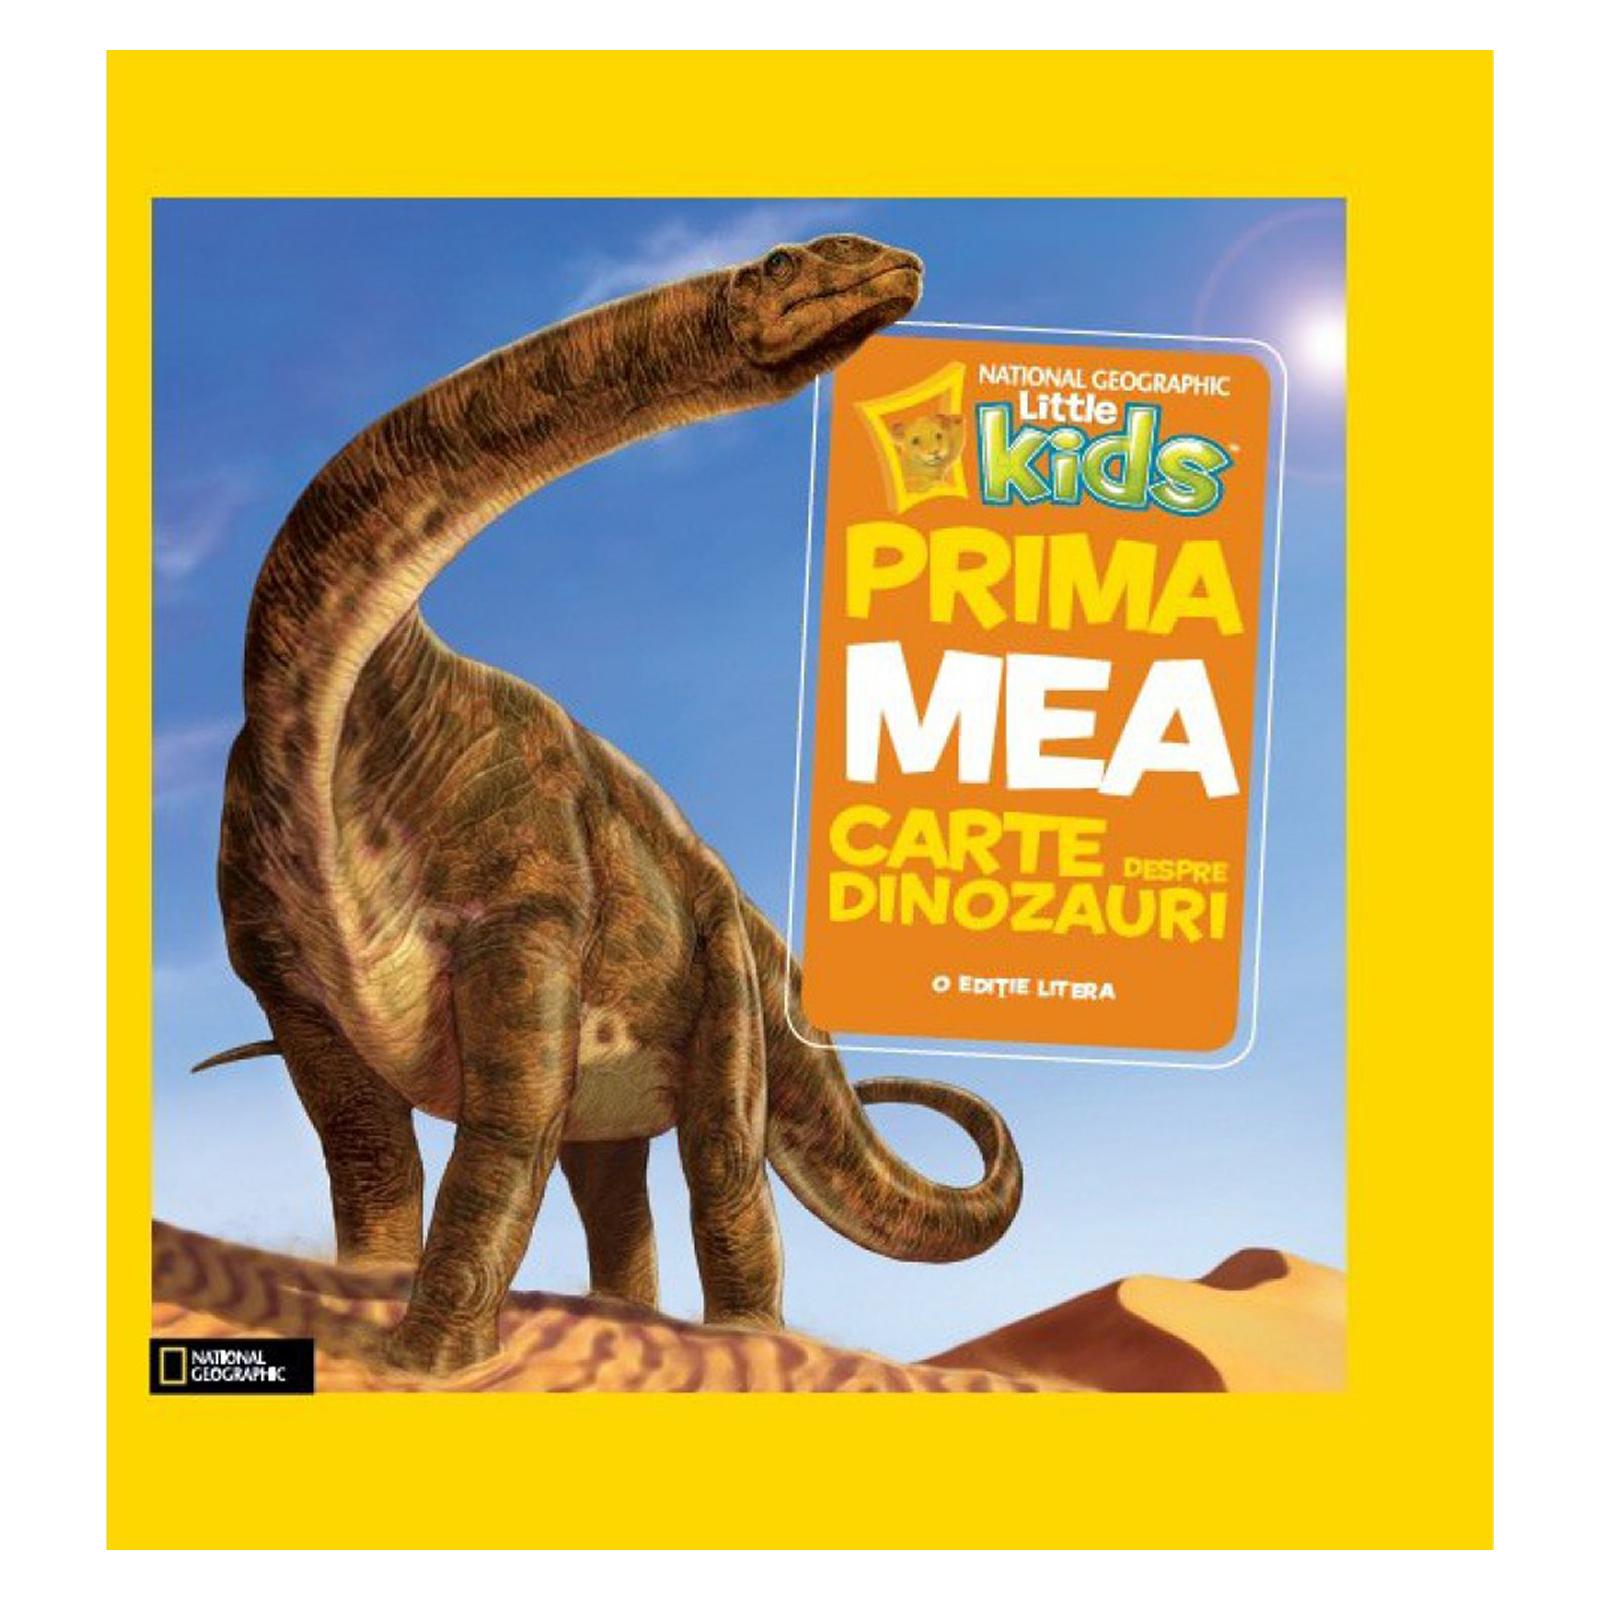 national geographic little kids - prima mea carte despre dinozauri